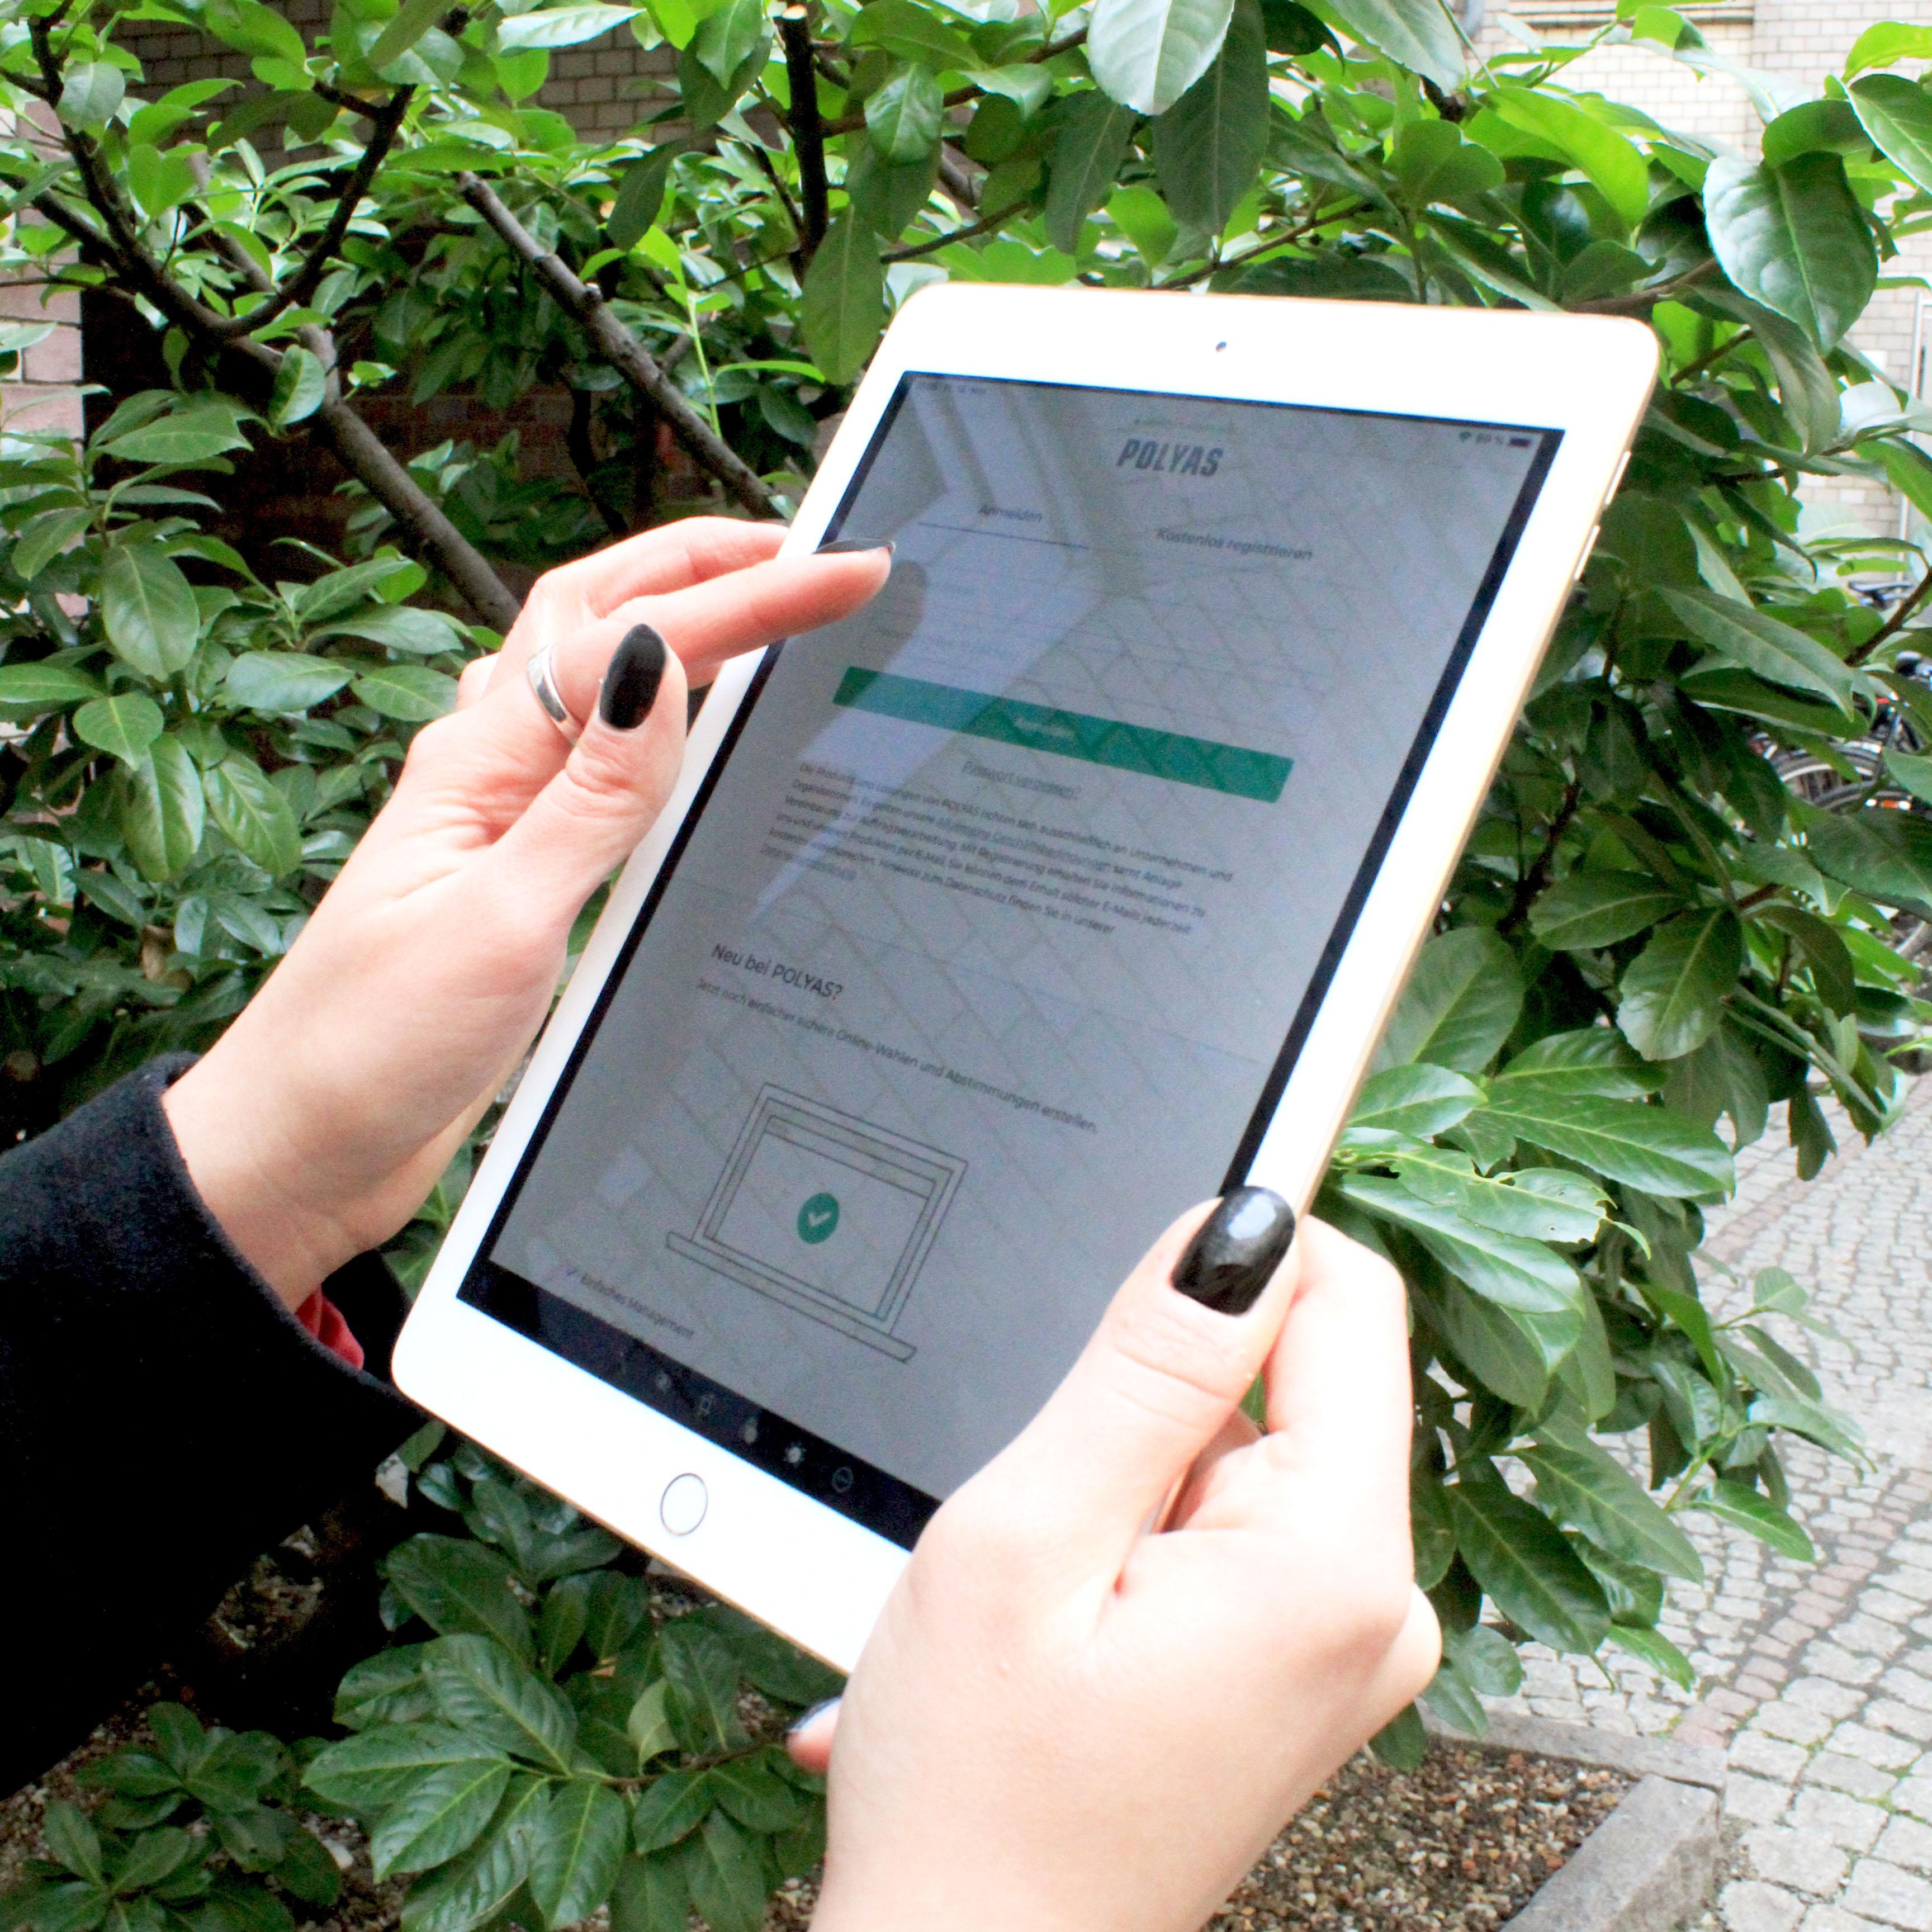 La plateforme de nomination POLYAS : simple, sécurisée, rapide.